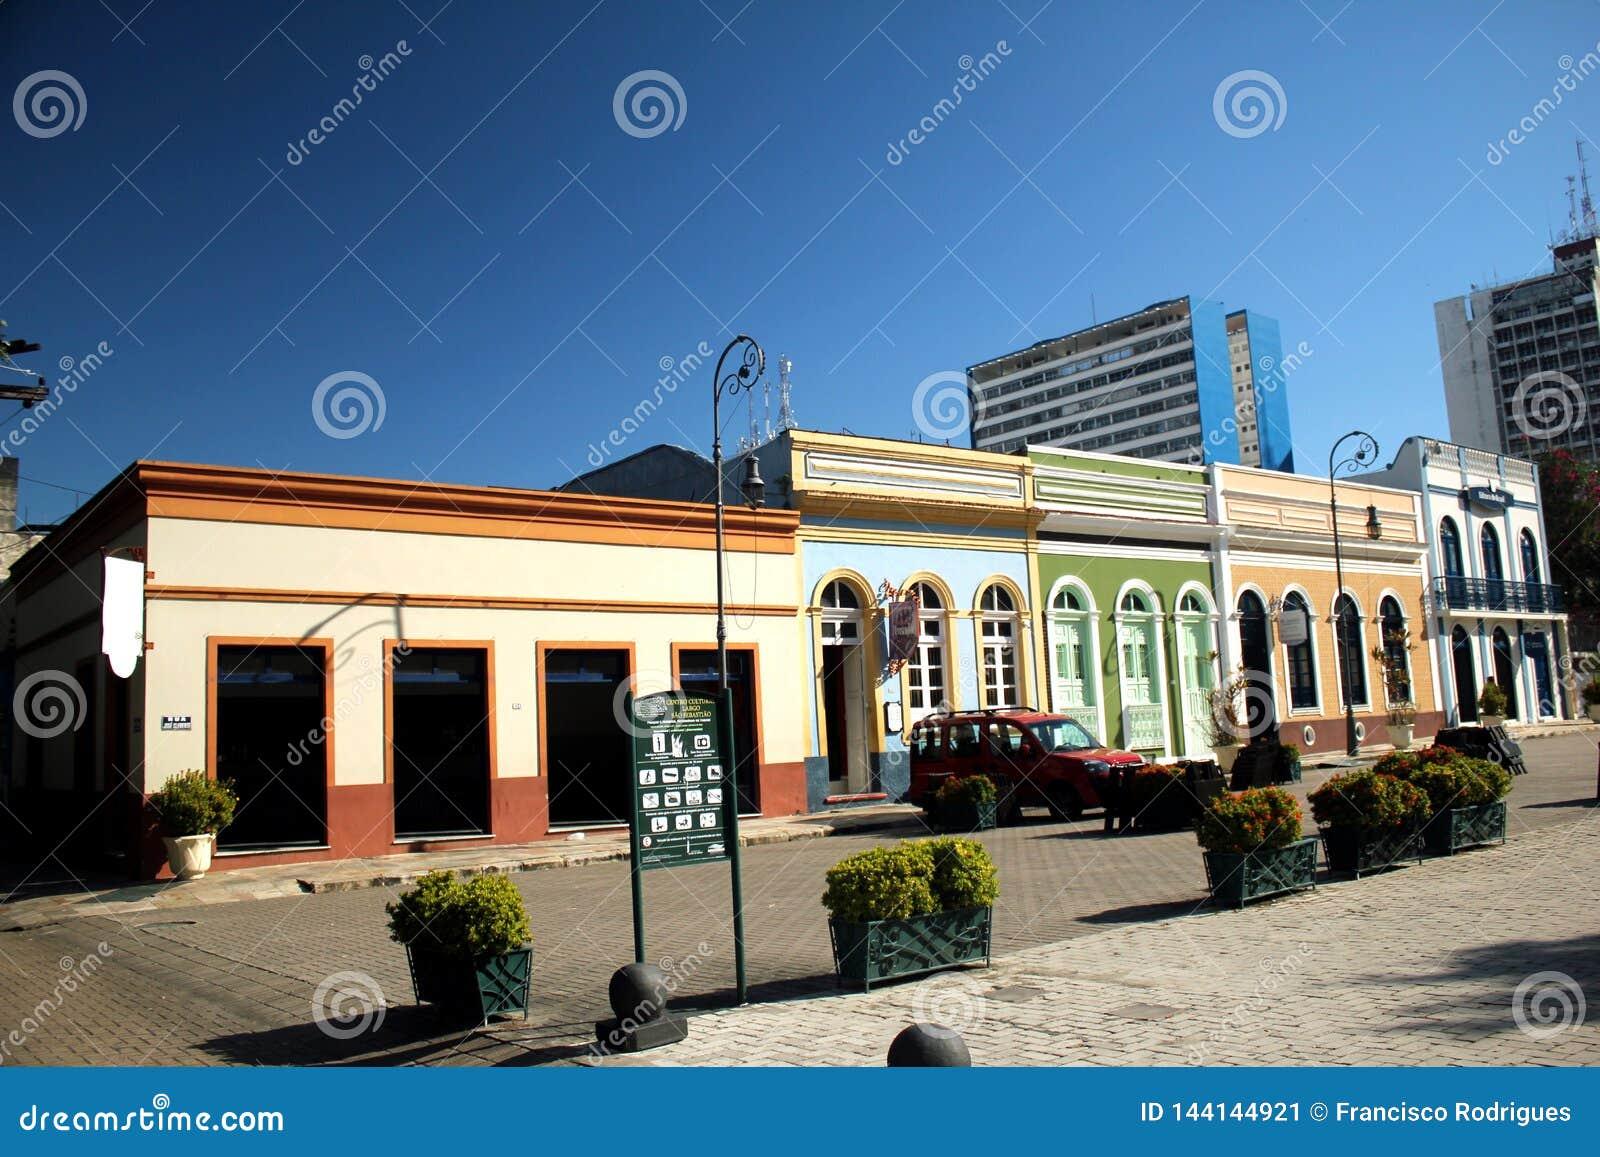 Praça do Congresso historisch centrum van Manaus - Brazilië